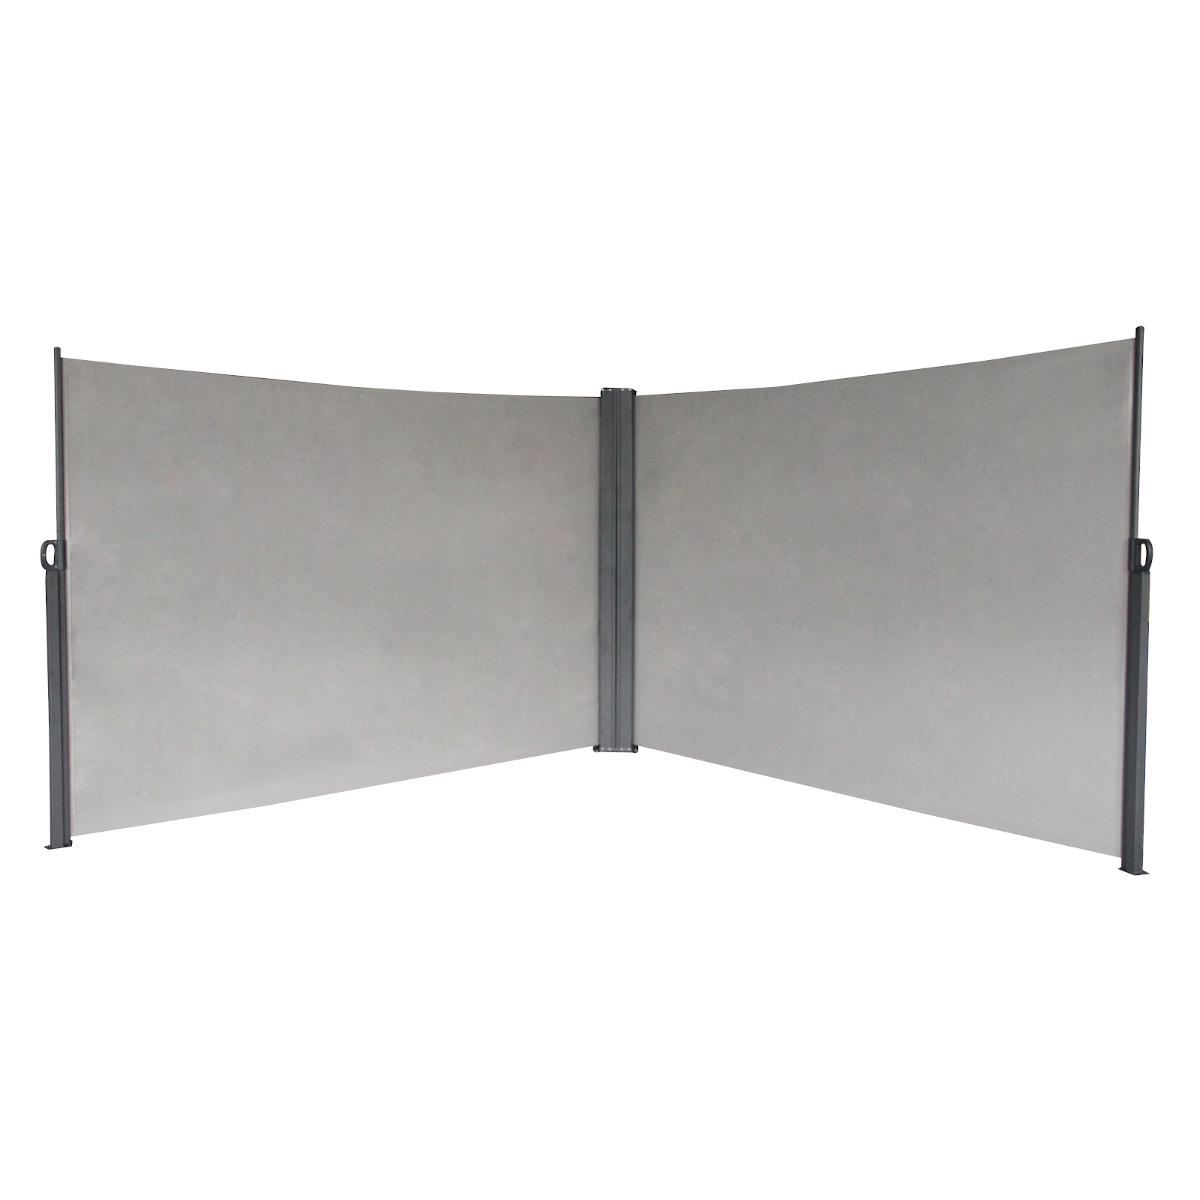 91056 SVITA Doppel Seitenmarkise 600 x 180 cm Hellgrau